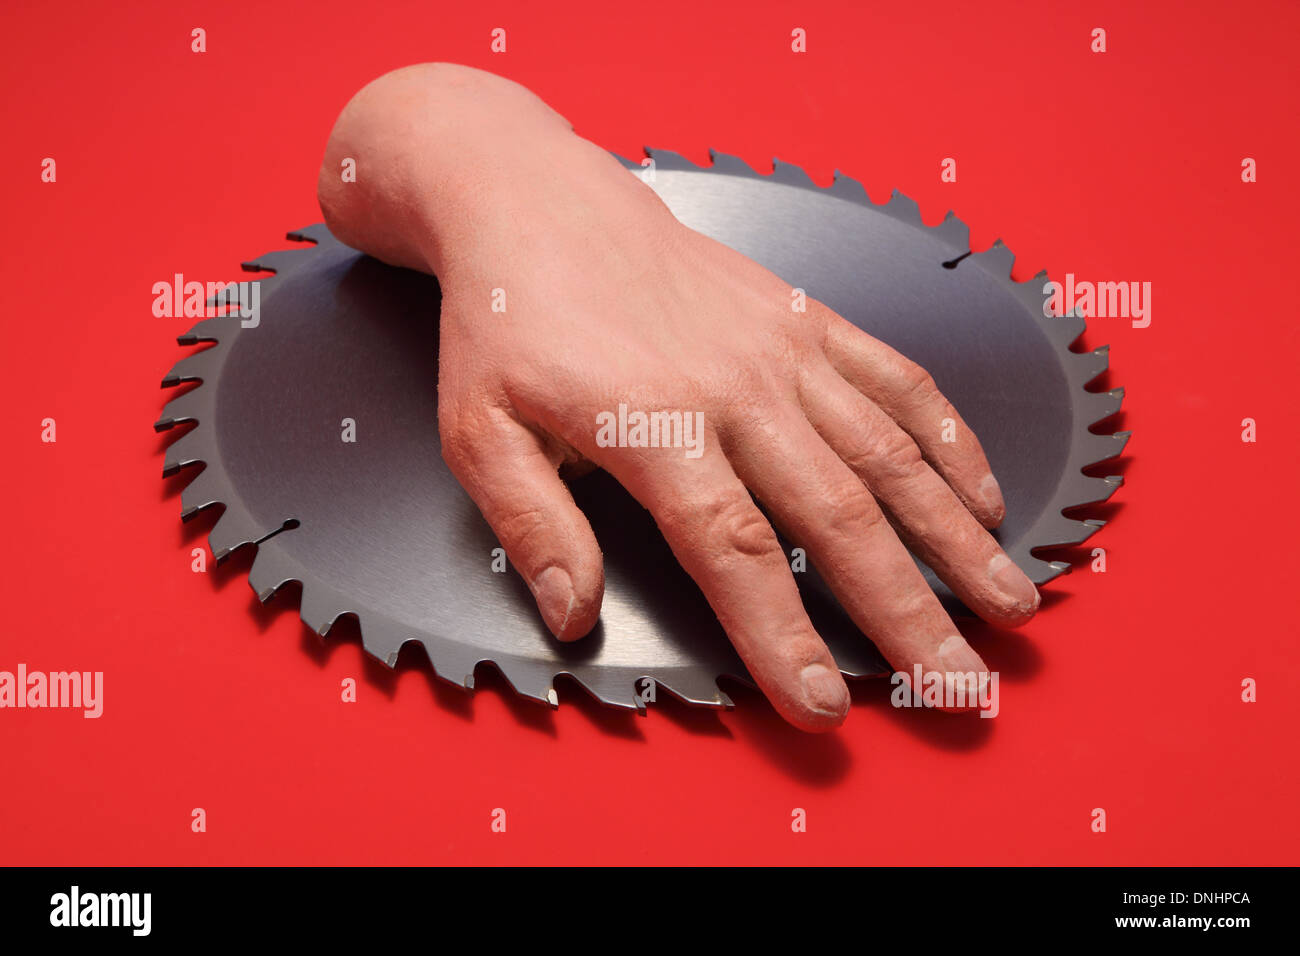 Una finta mano umana su un metallo lama per sega circolare con uno sfondo rosso. Immagini Stock